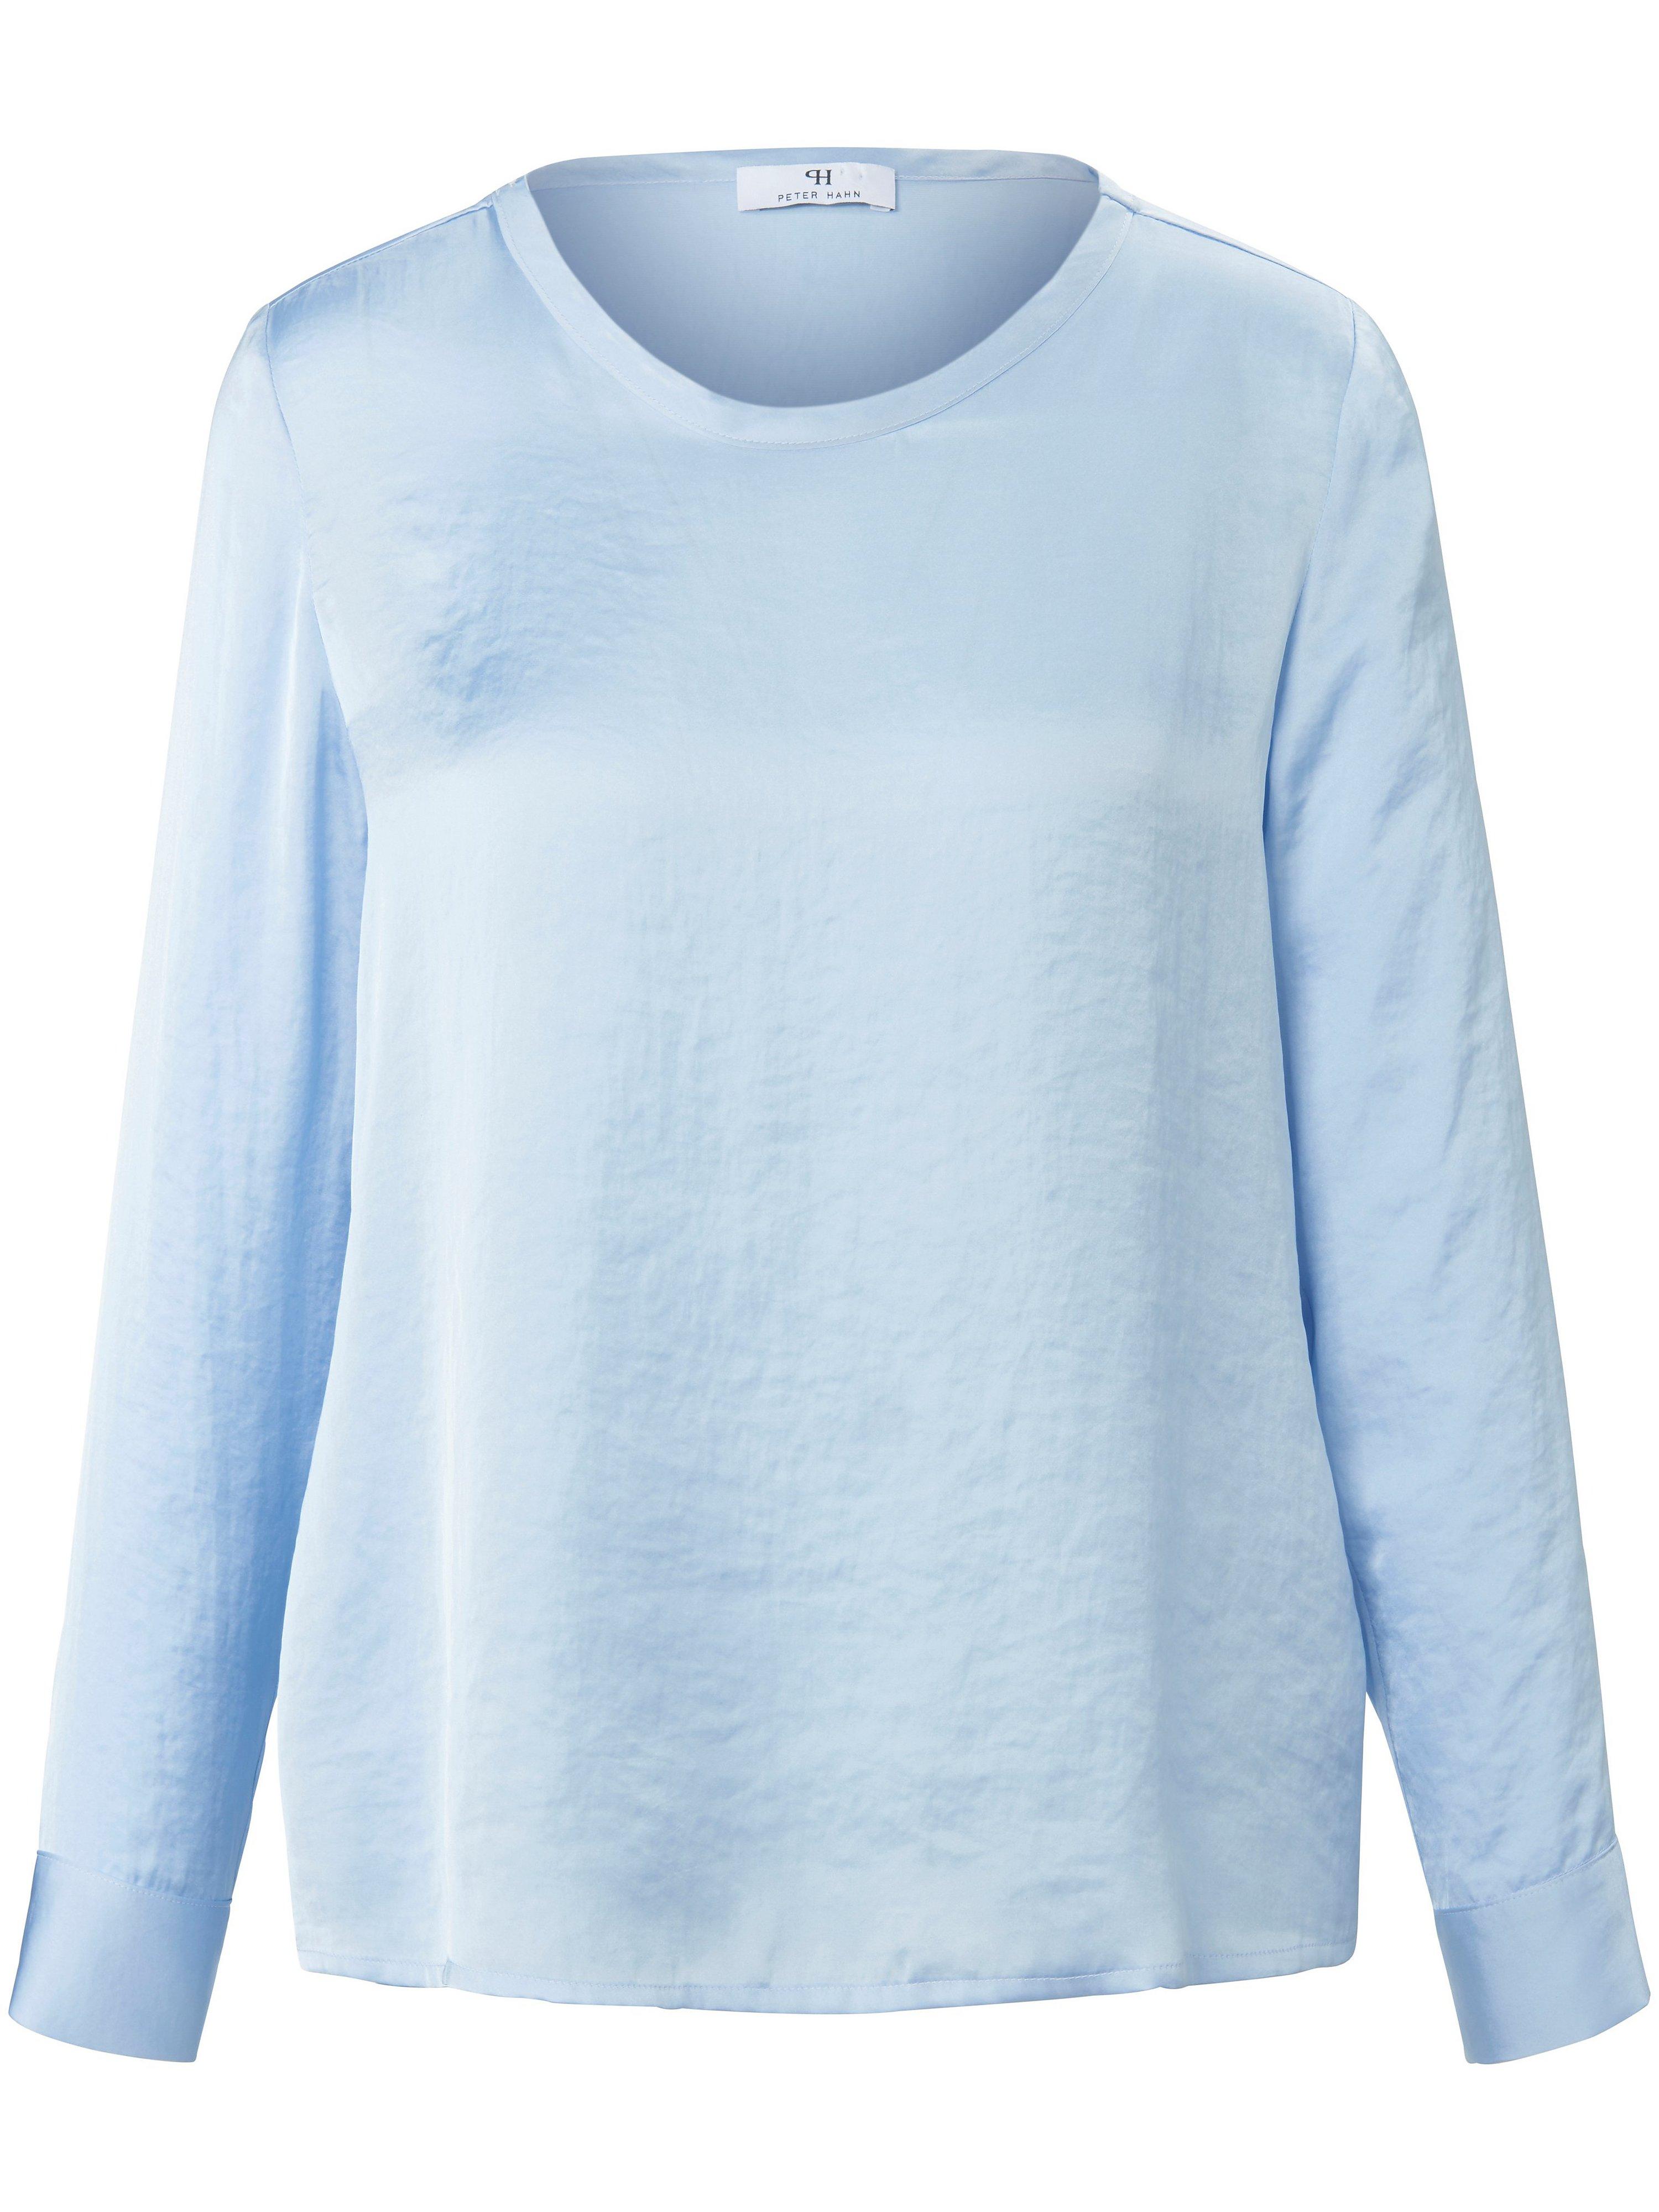 Shirt lange mouwen en ronde hals Van Peter Hahn blauw